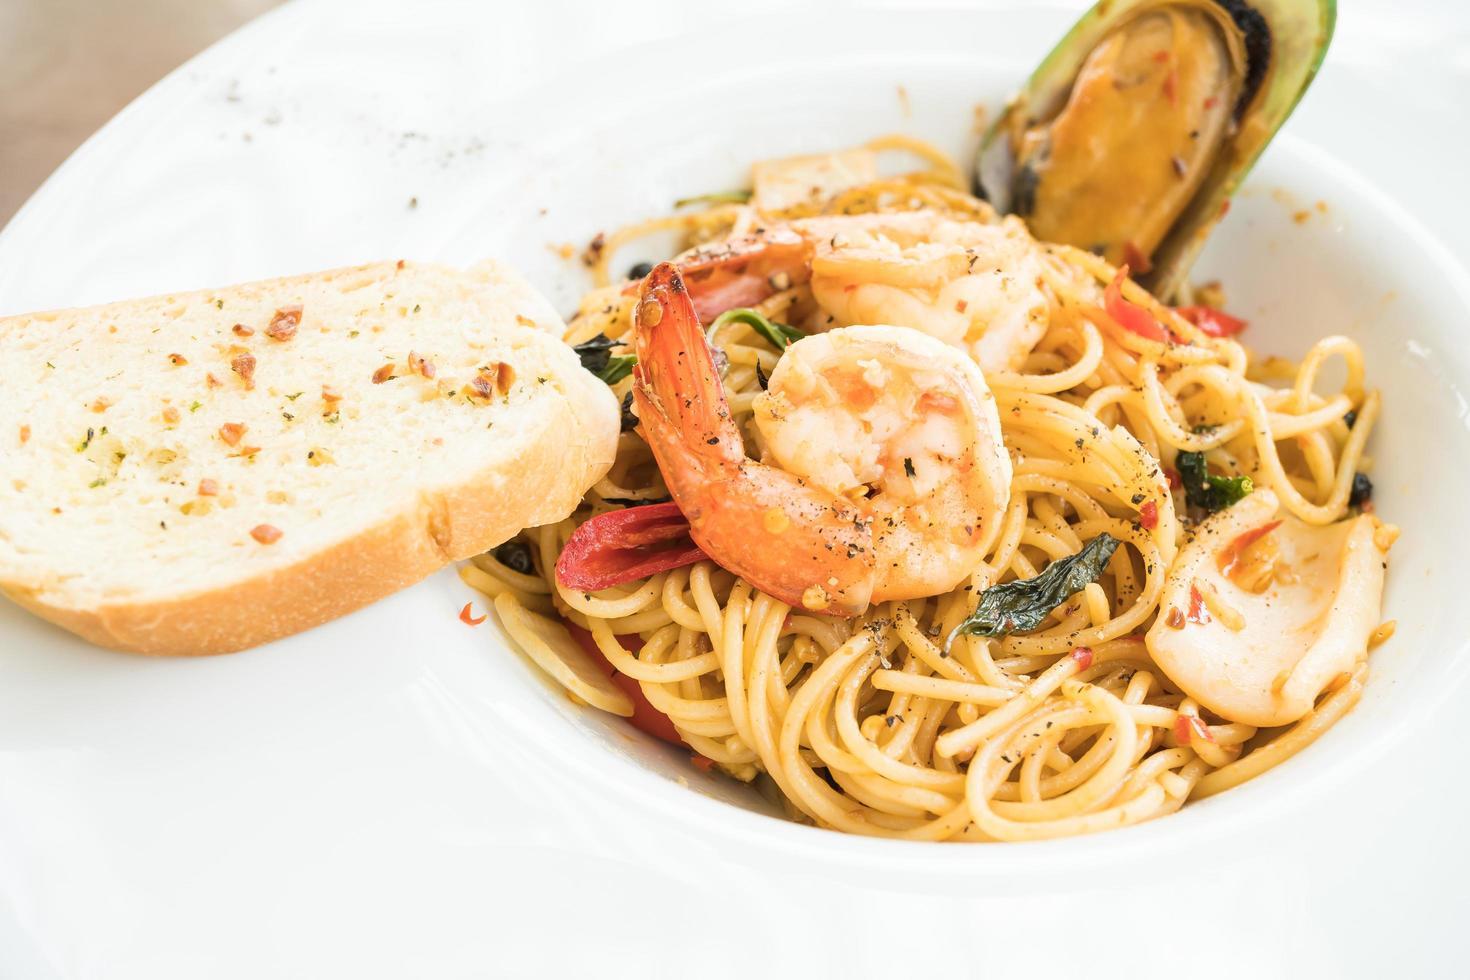 espagueti de mariscos en plato blanco foto